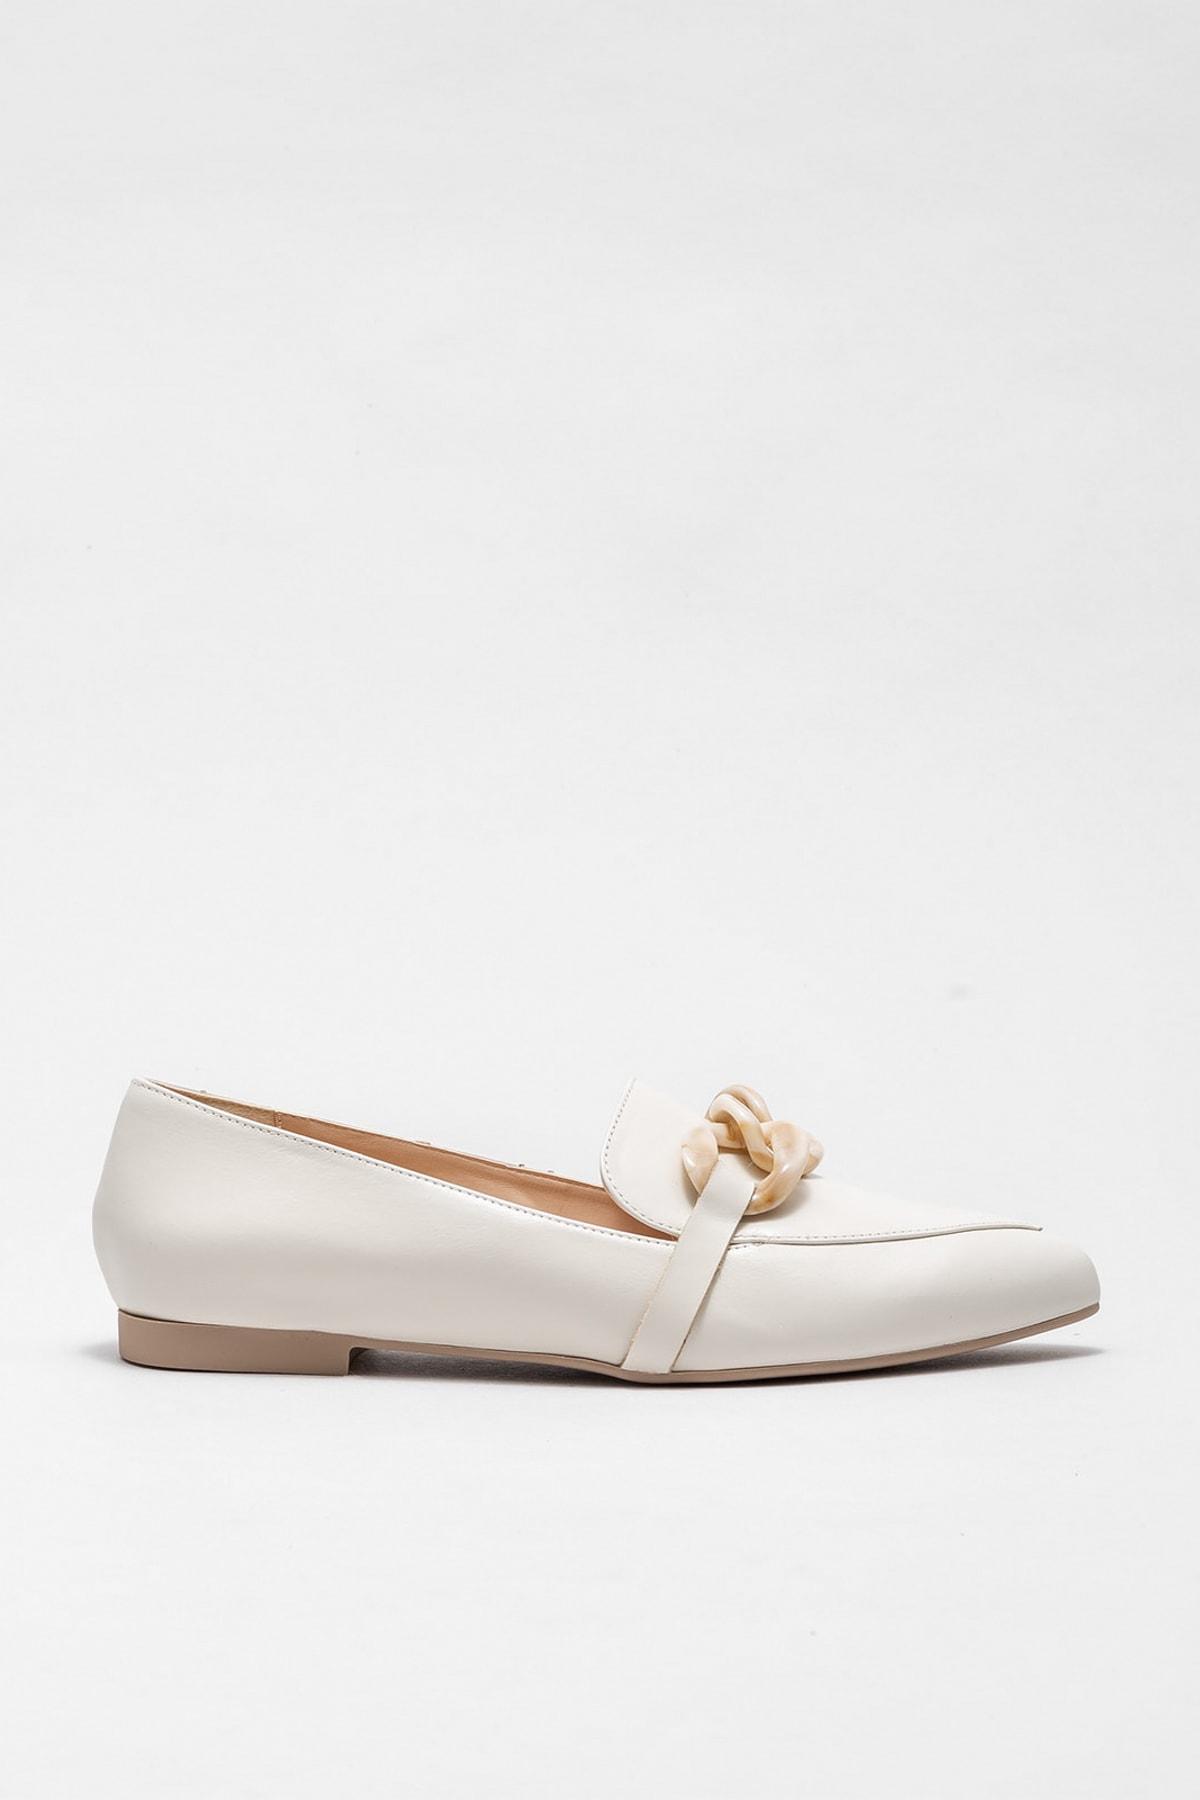 Elle Kadın Chalsea Bej Casual Ayakkabı 20KDS50237